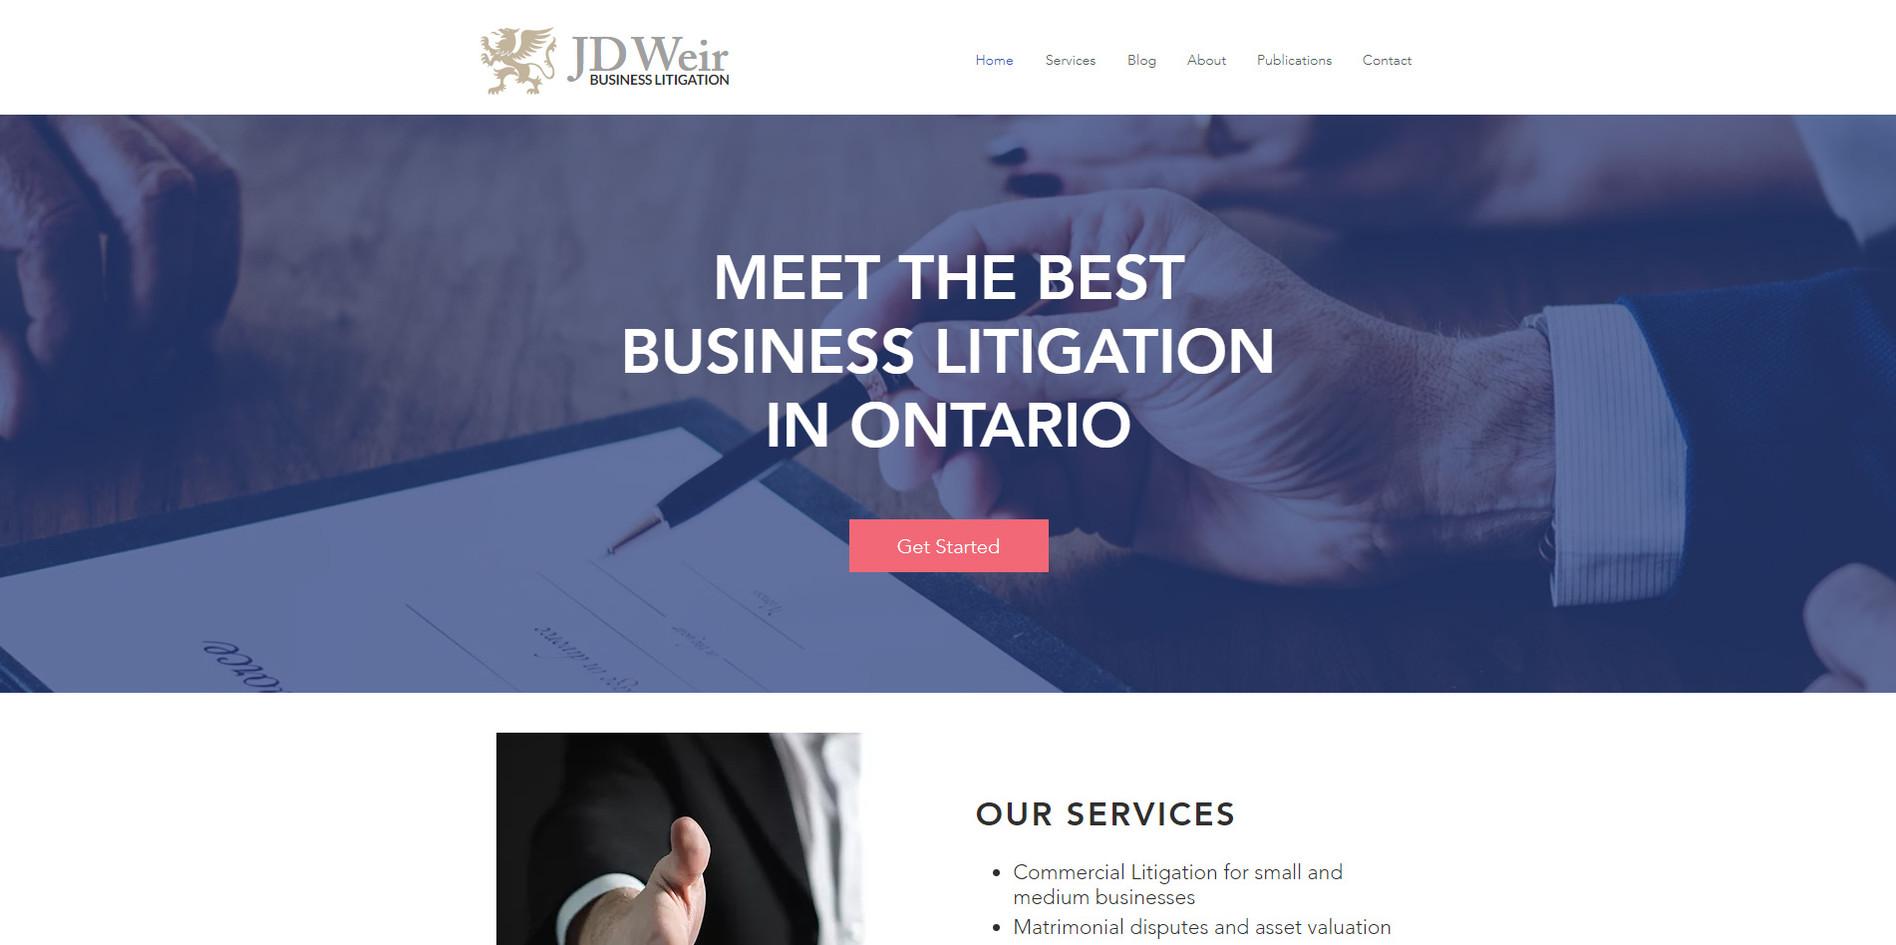 JD Weir Business Litigation Website